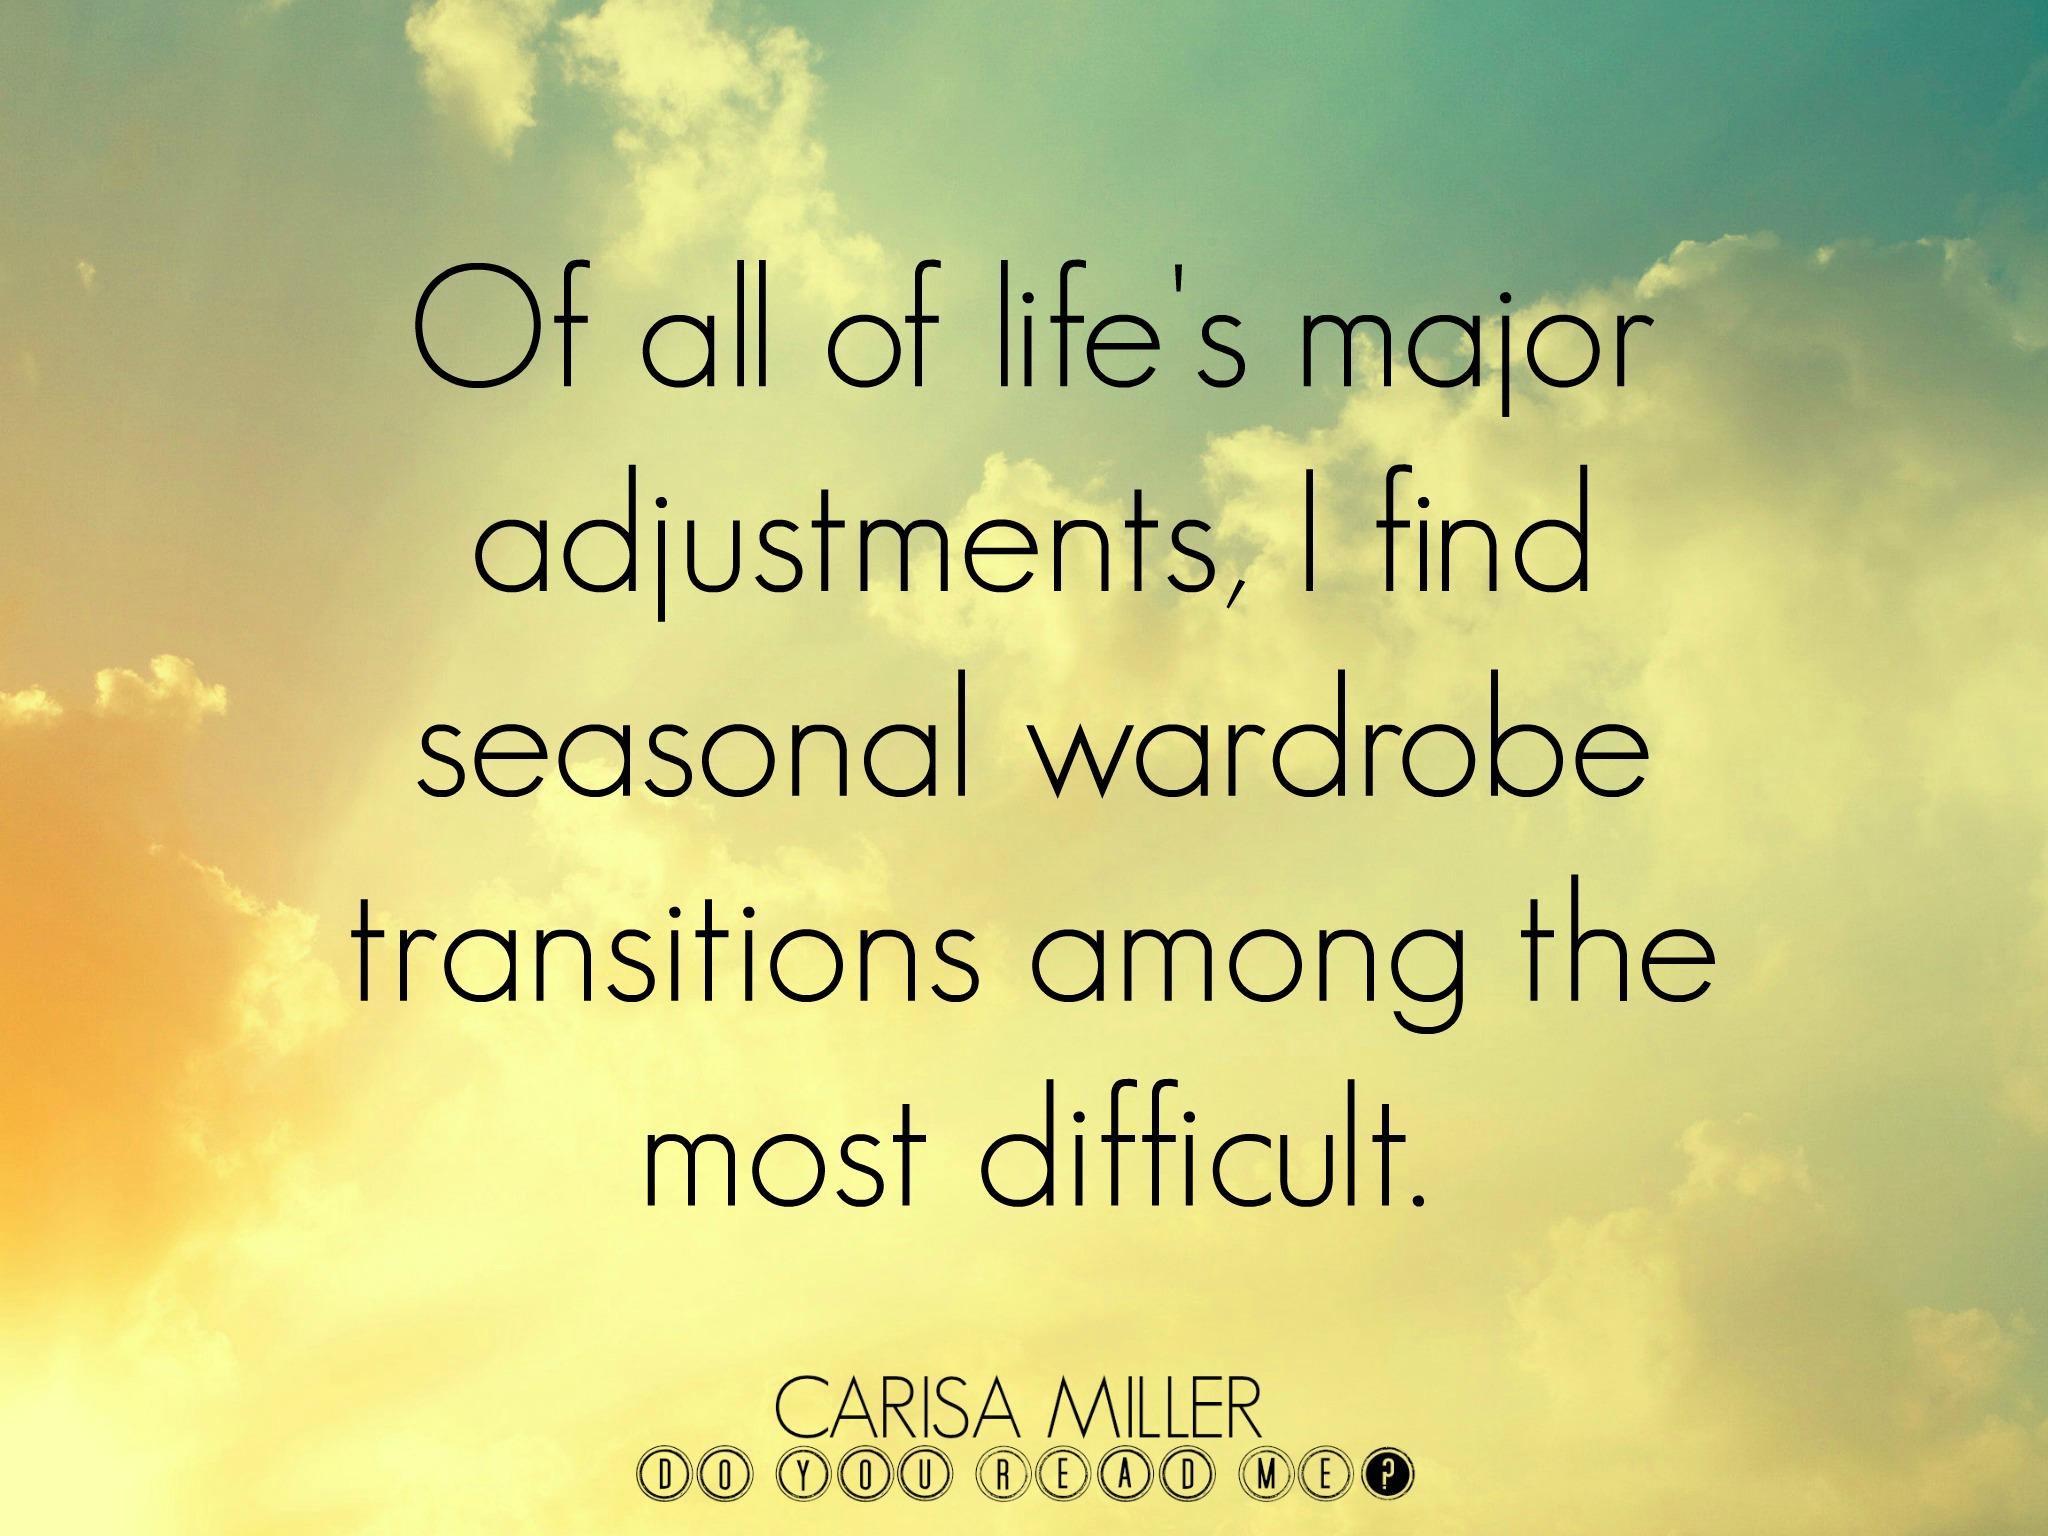 Wardrobe Change by Carisa Miller